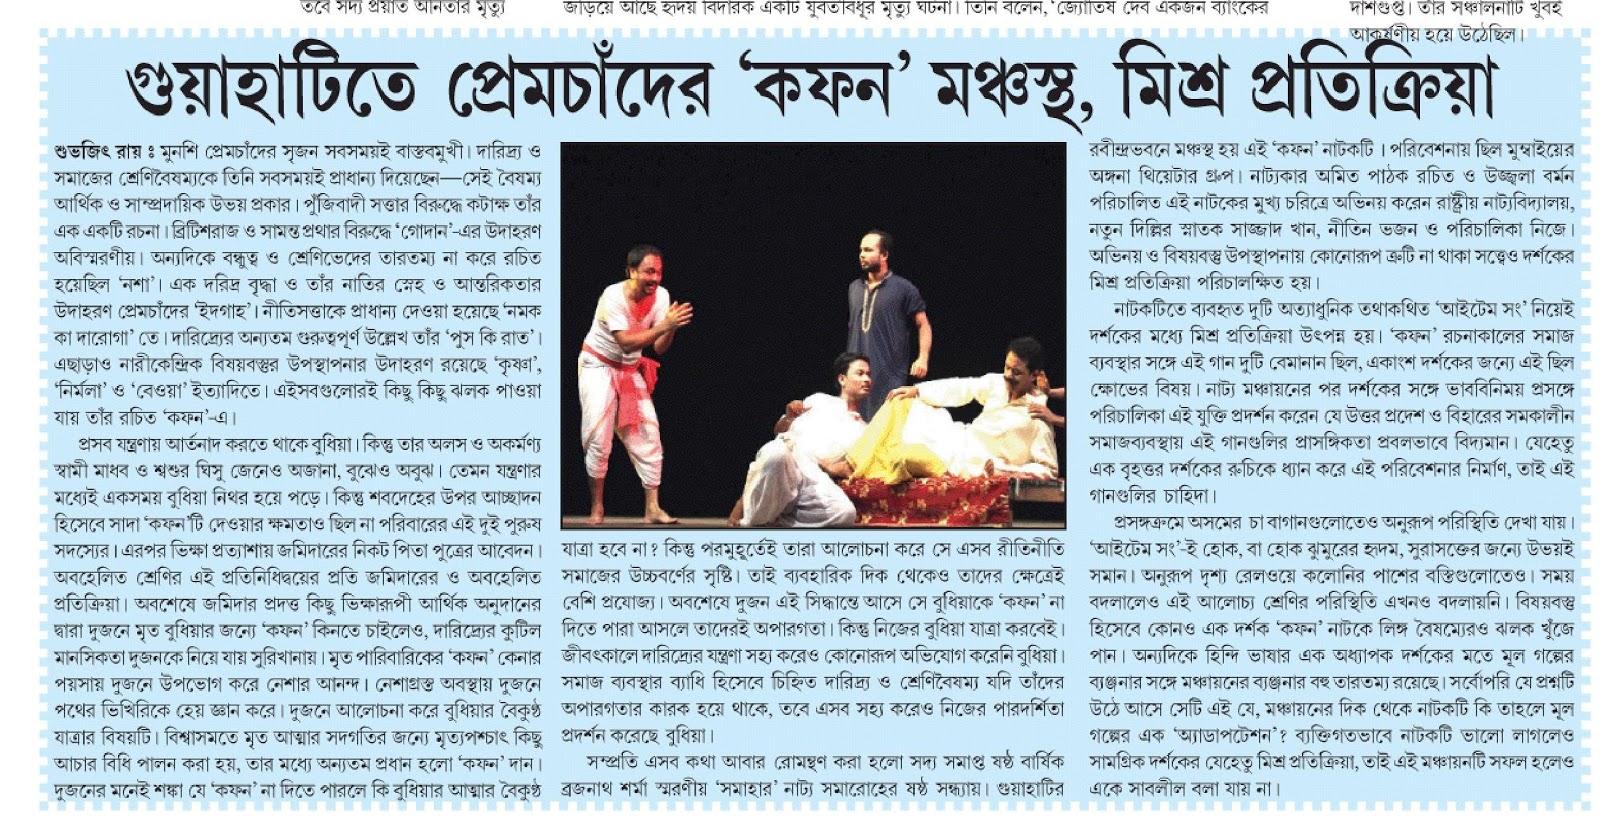 jugasankha+121008+Guwahati+Edition,+page+14_page_02.jpg